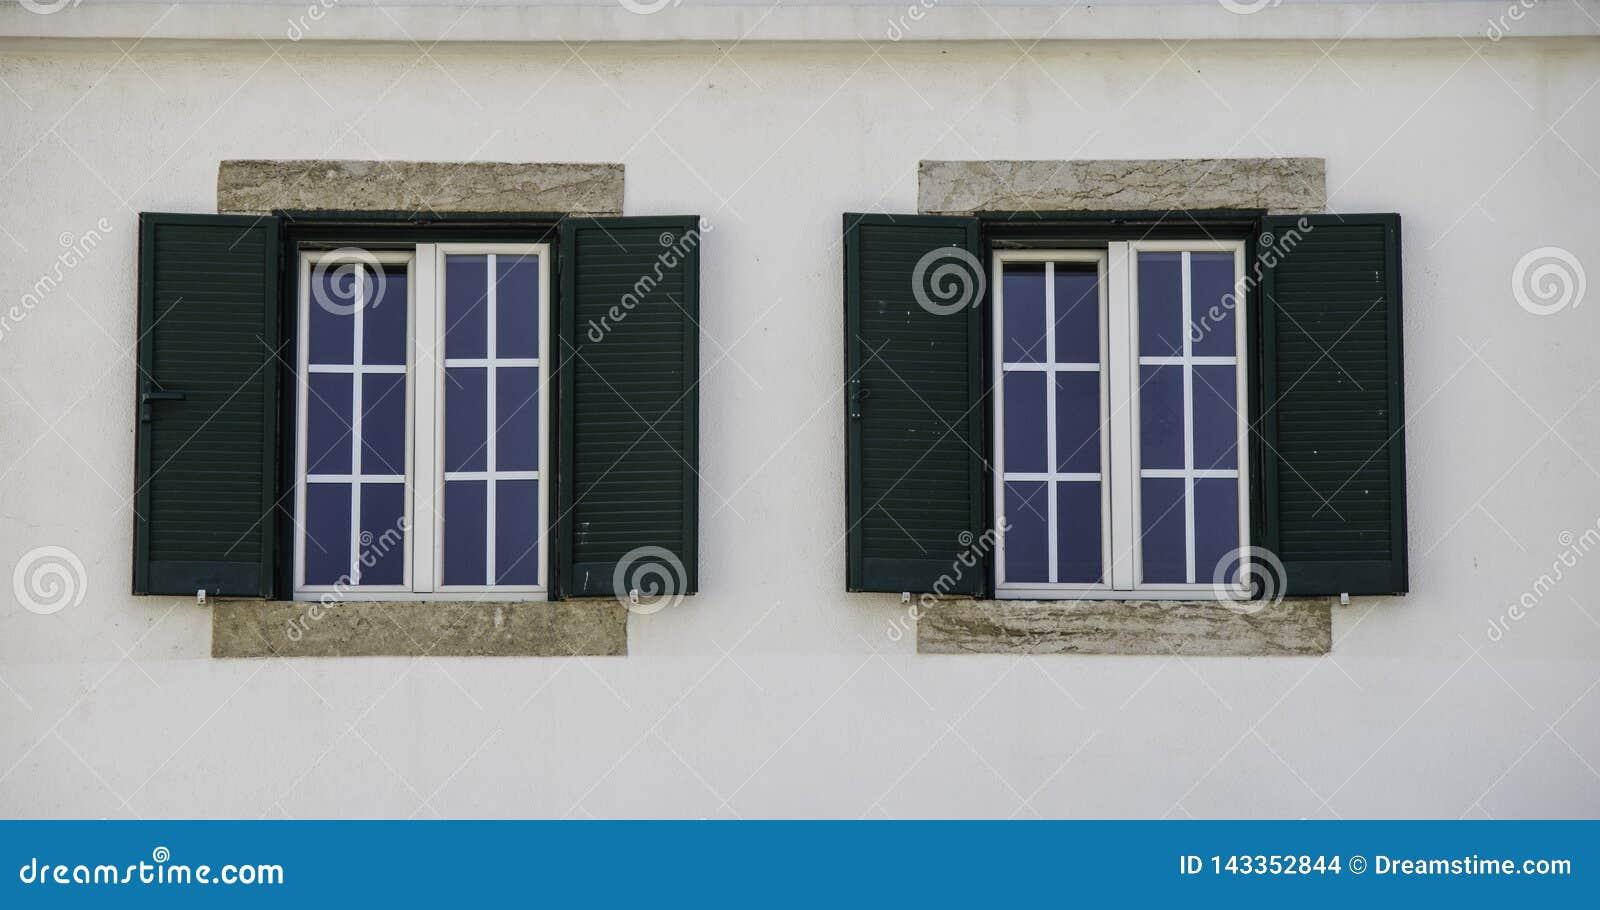 Окна двойника архитектуры в Европе